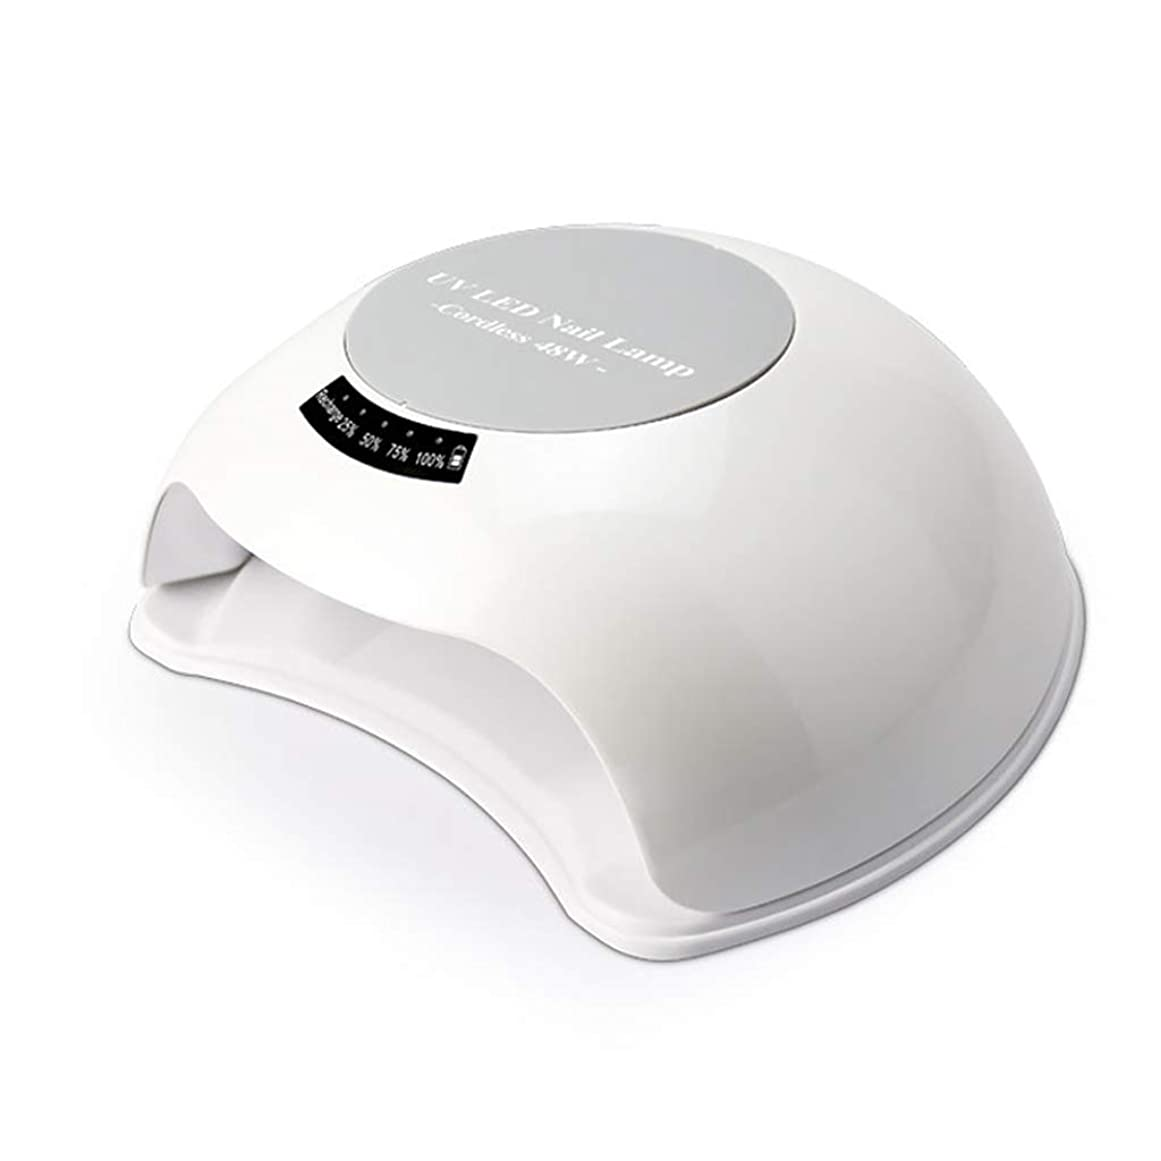 語ケーブルカー自動車ネイル光線治療装置自動導入、乾燥日光UV LEDデュアル光源48Wファーストドライヤー